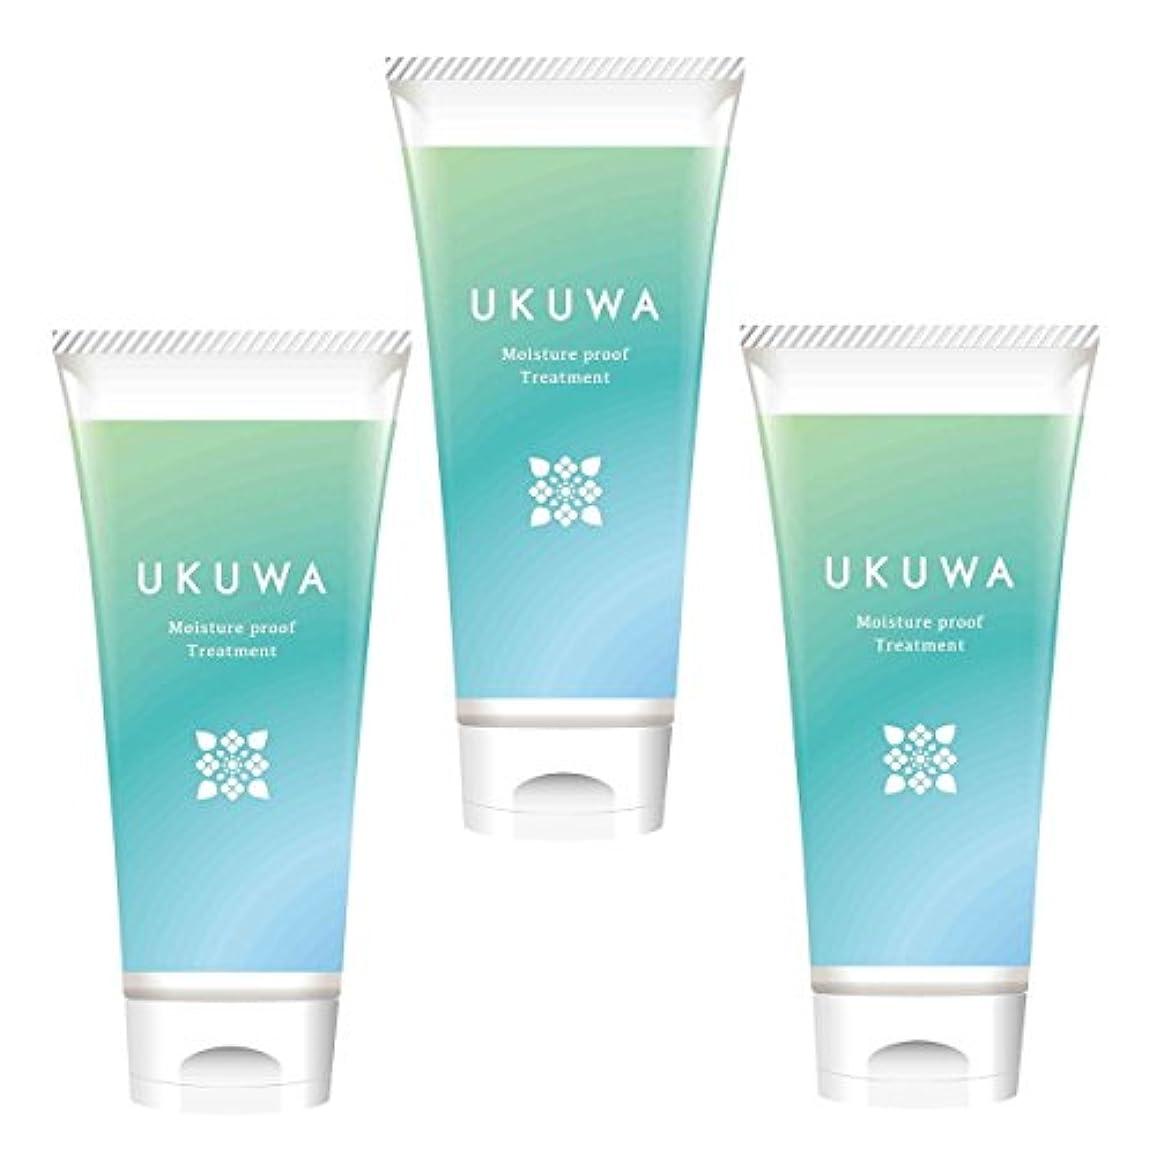 赤ちゃんインスタンスマーキングディアテック UKUWA(ウクワ)(雨花)モイスチャー プルーフ トリートメント 100g×3本セット